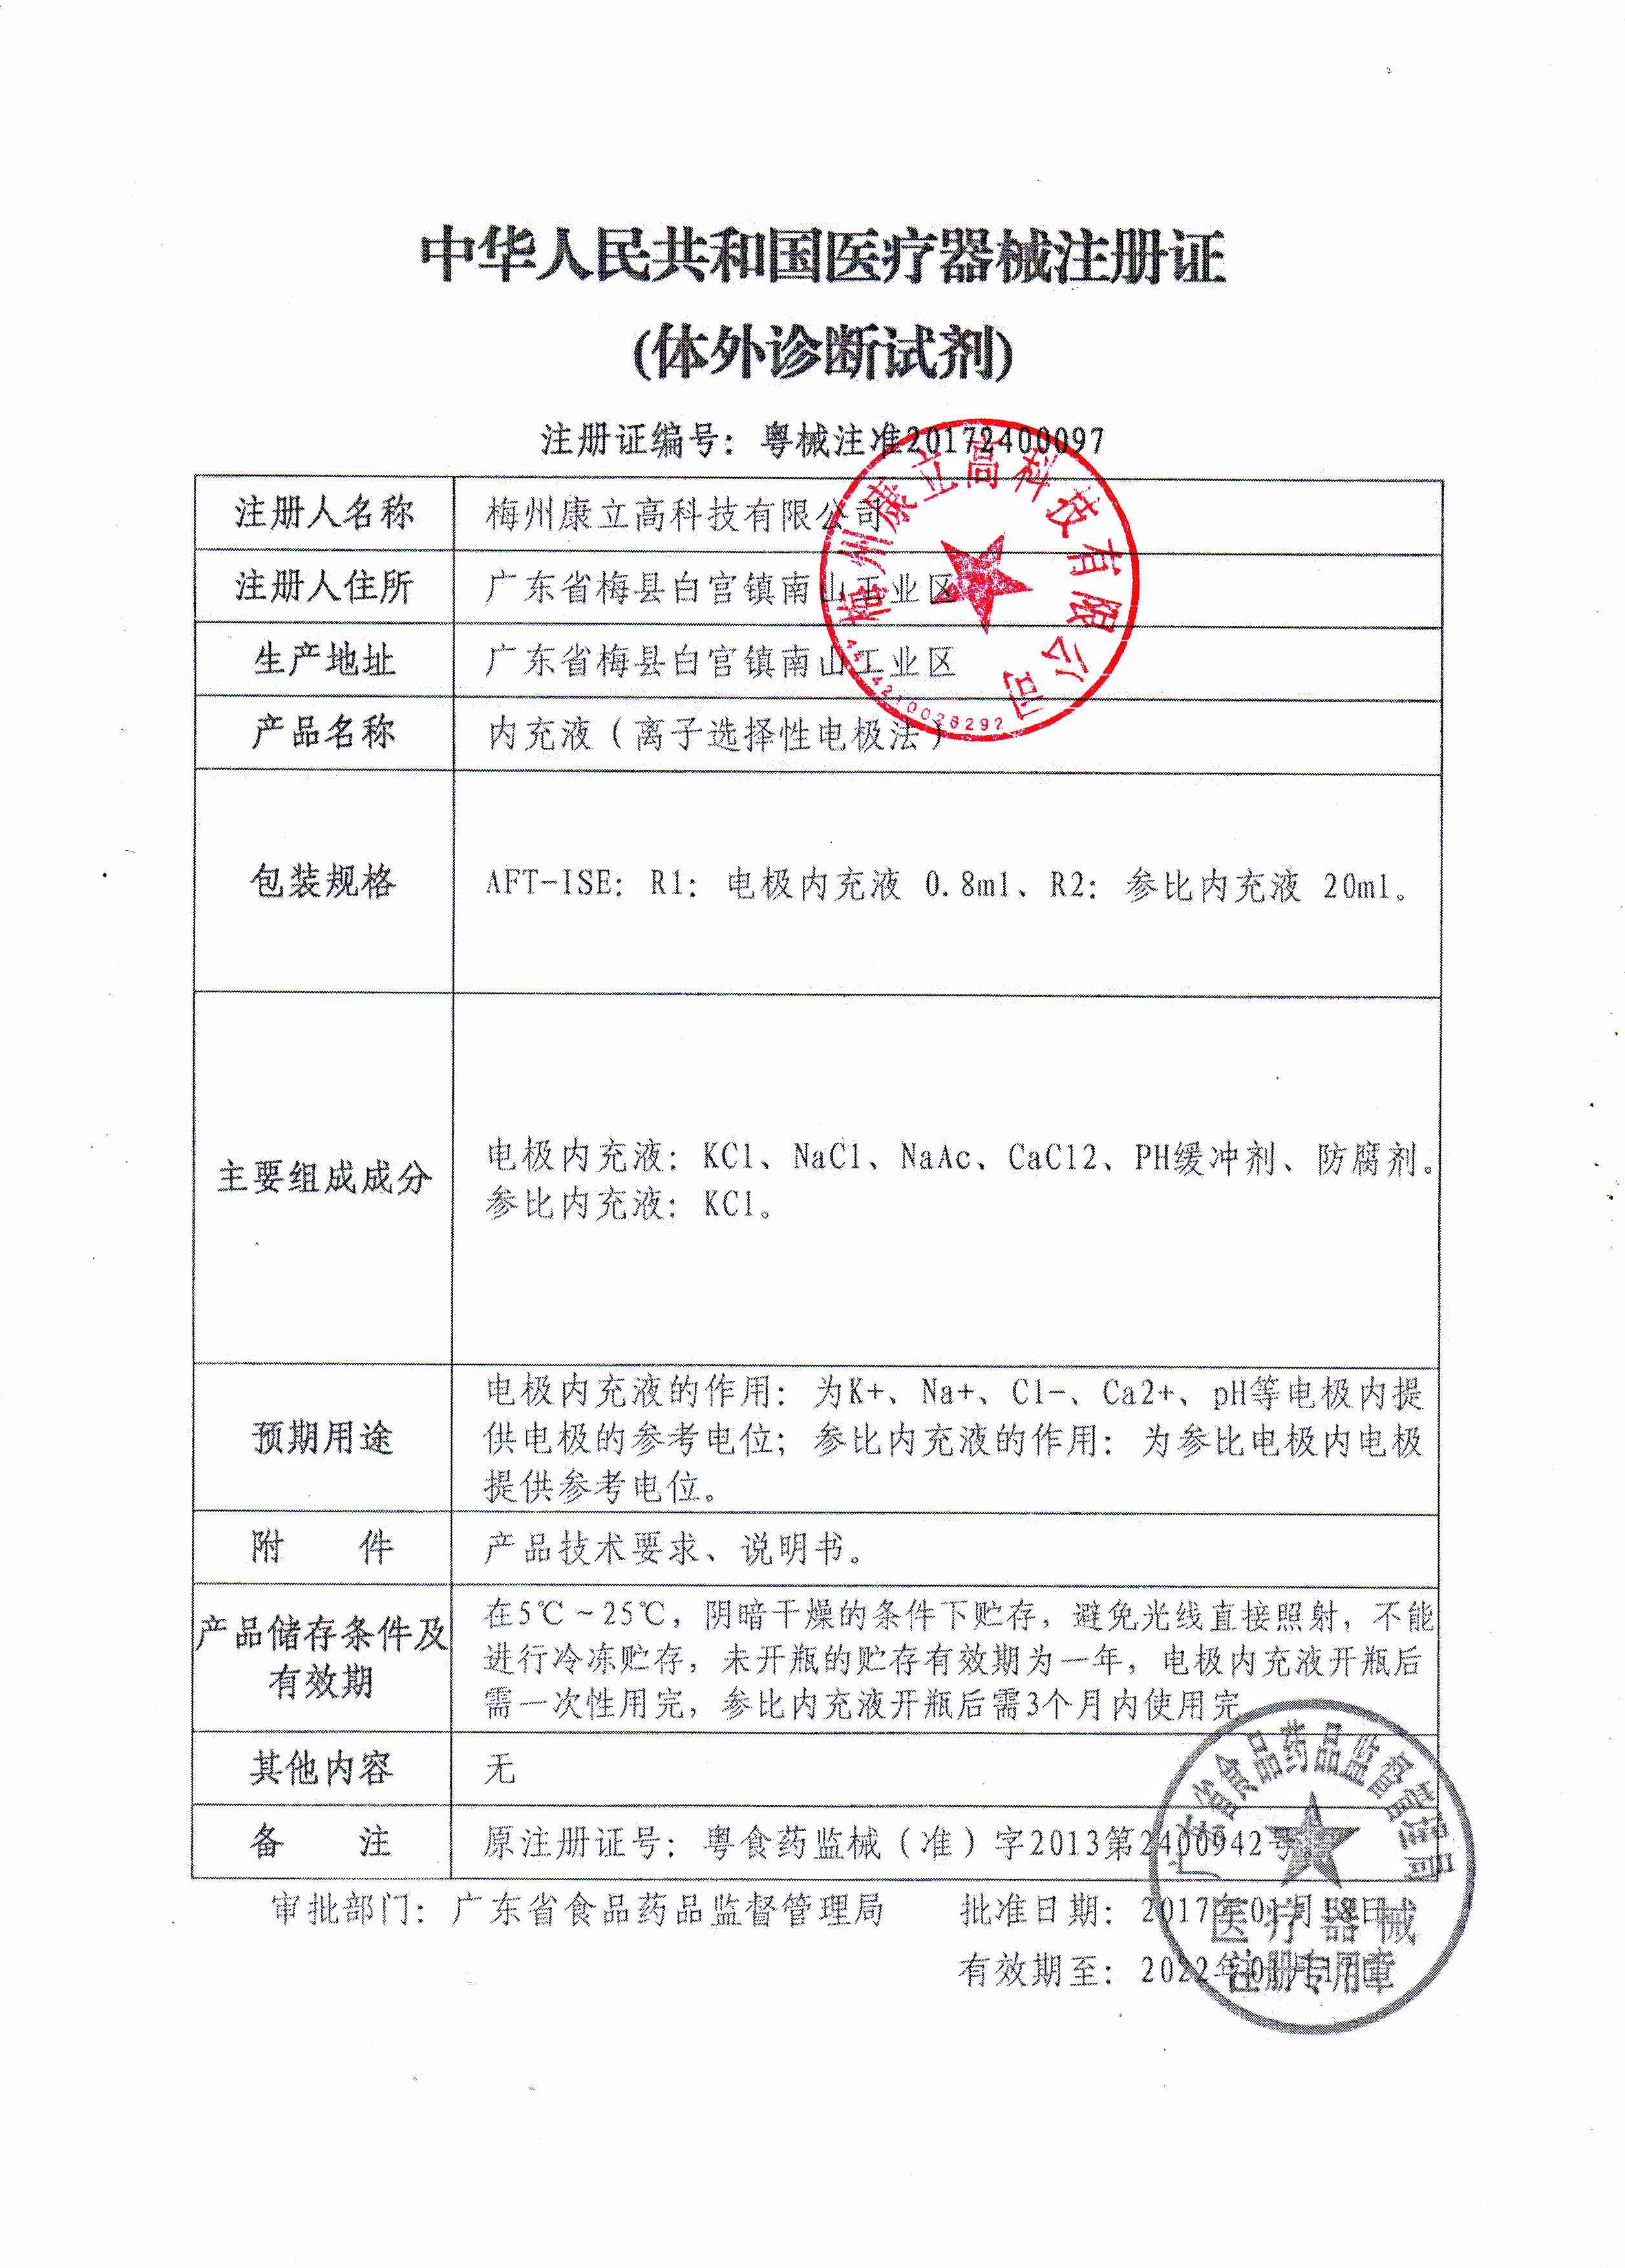 康立 内充液(离子选择性电极法,只用于Ref电极,K-Lite8G) AFT-IL型注册证